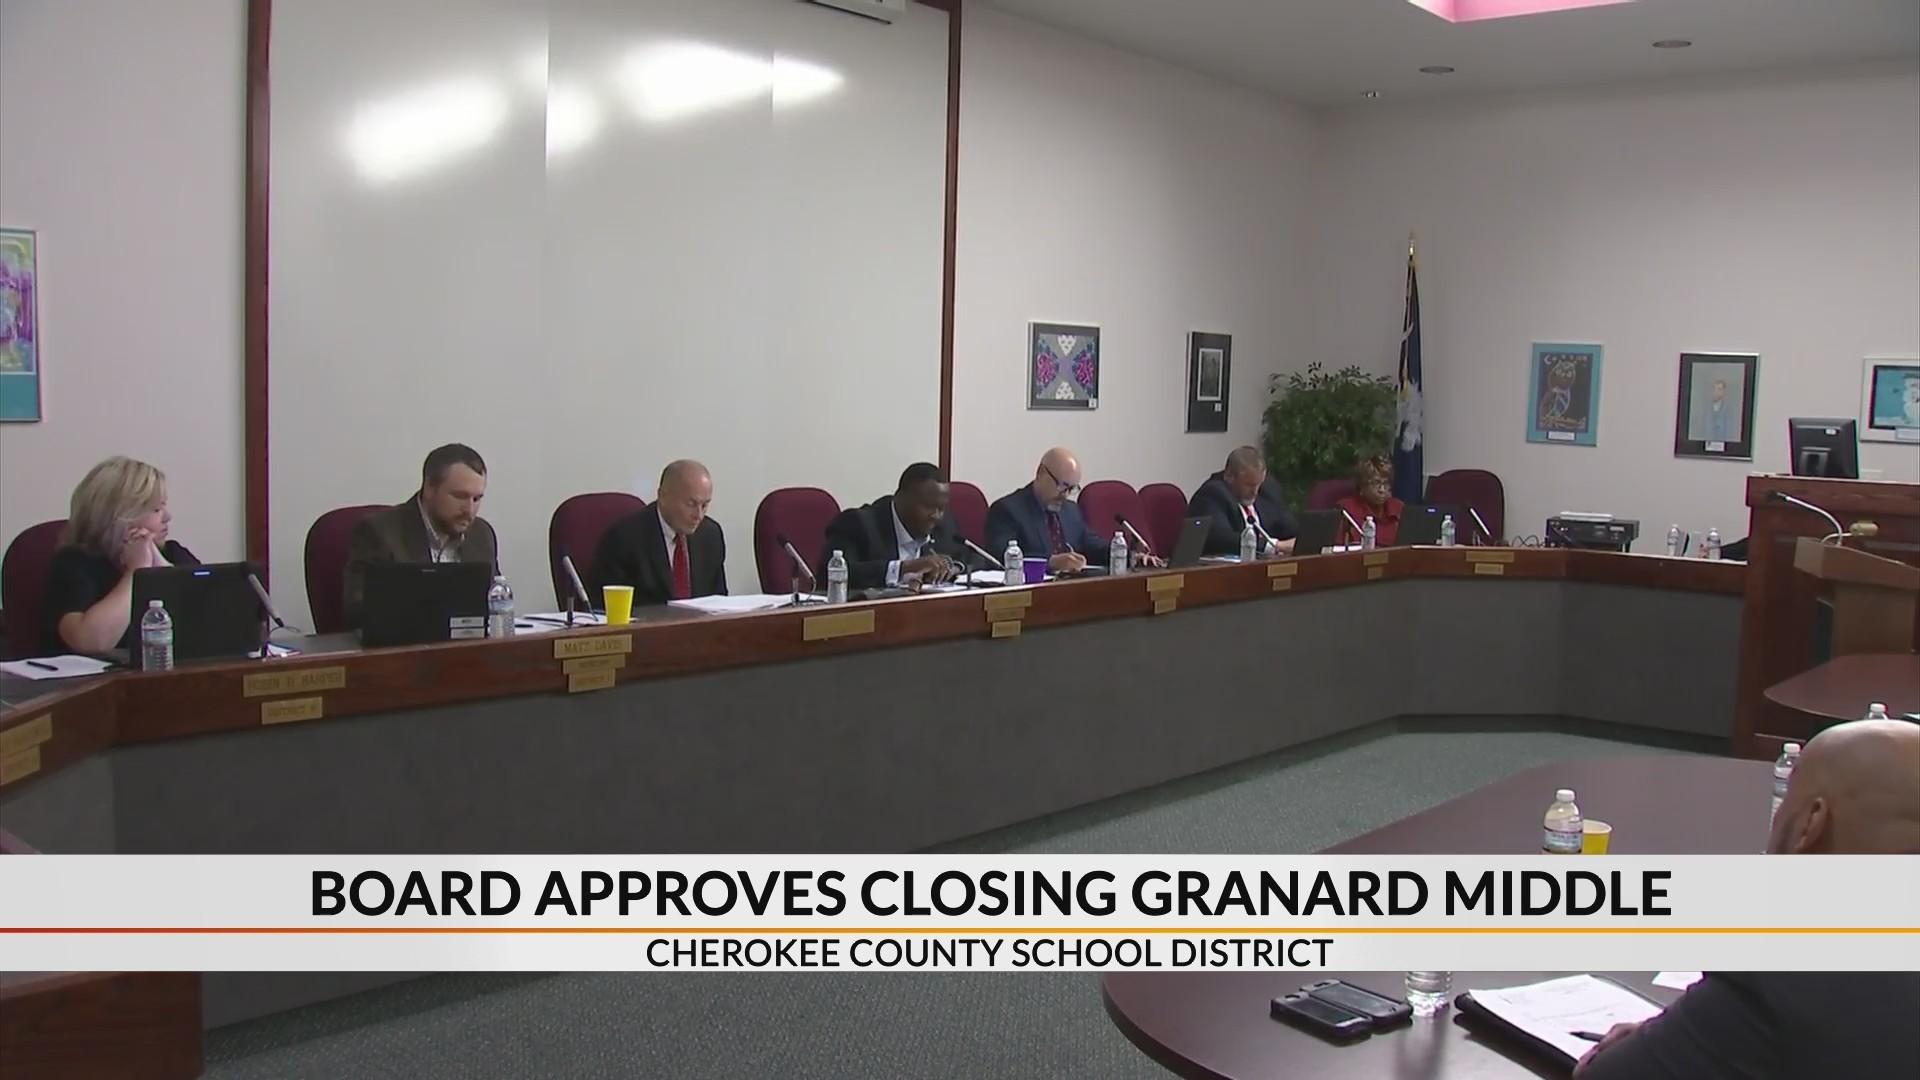 School_board_approves_closing_Granard_Mi_0_20190416120438